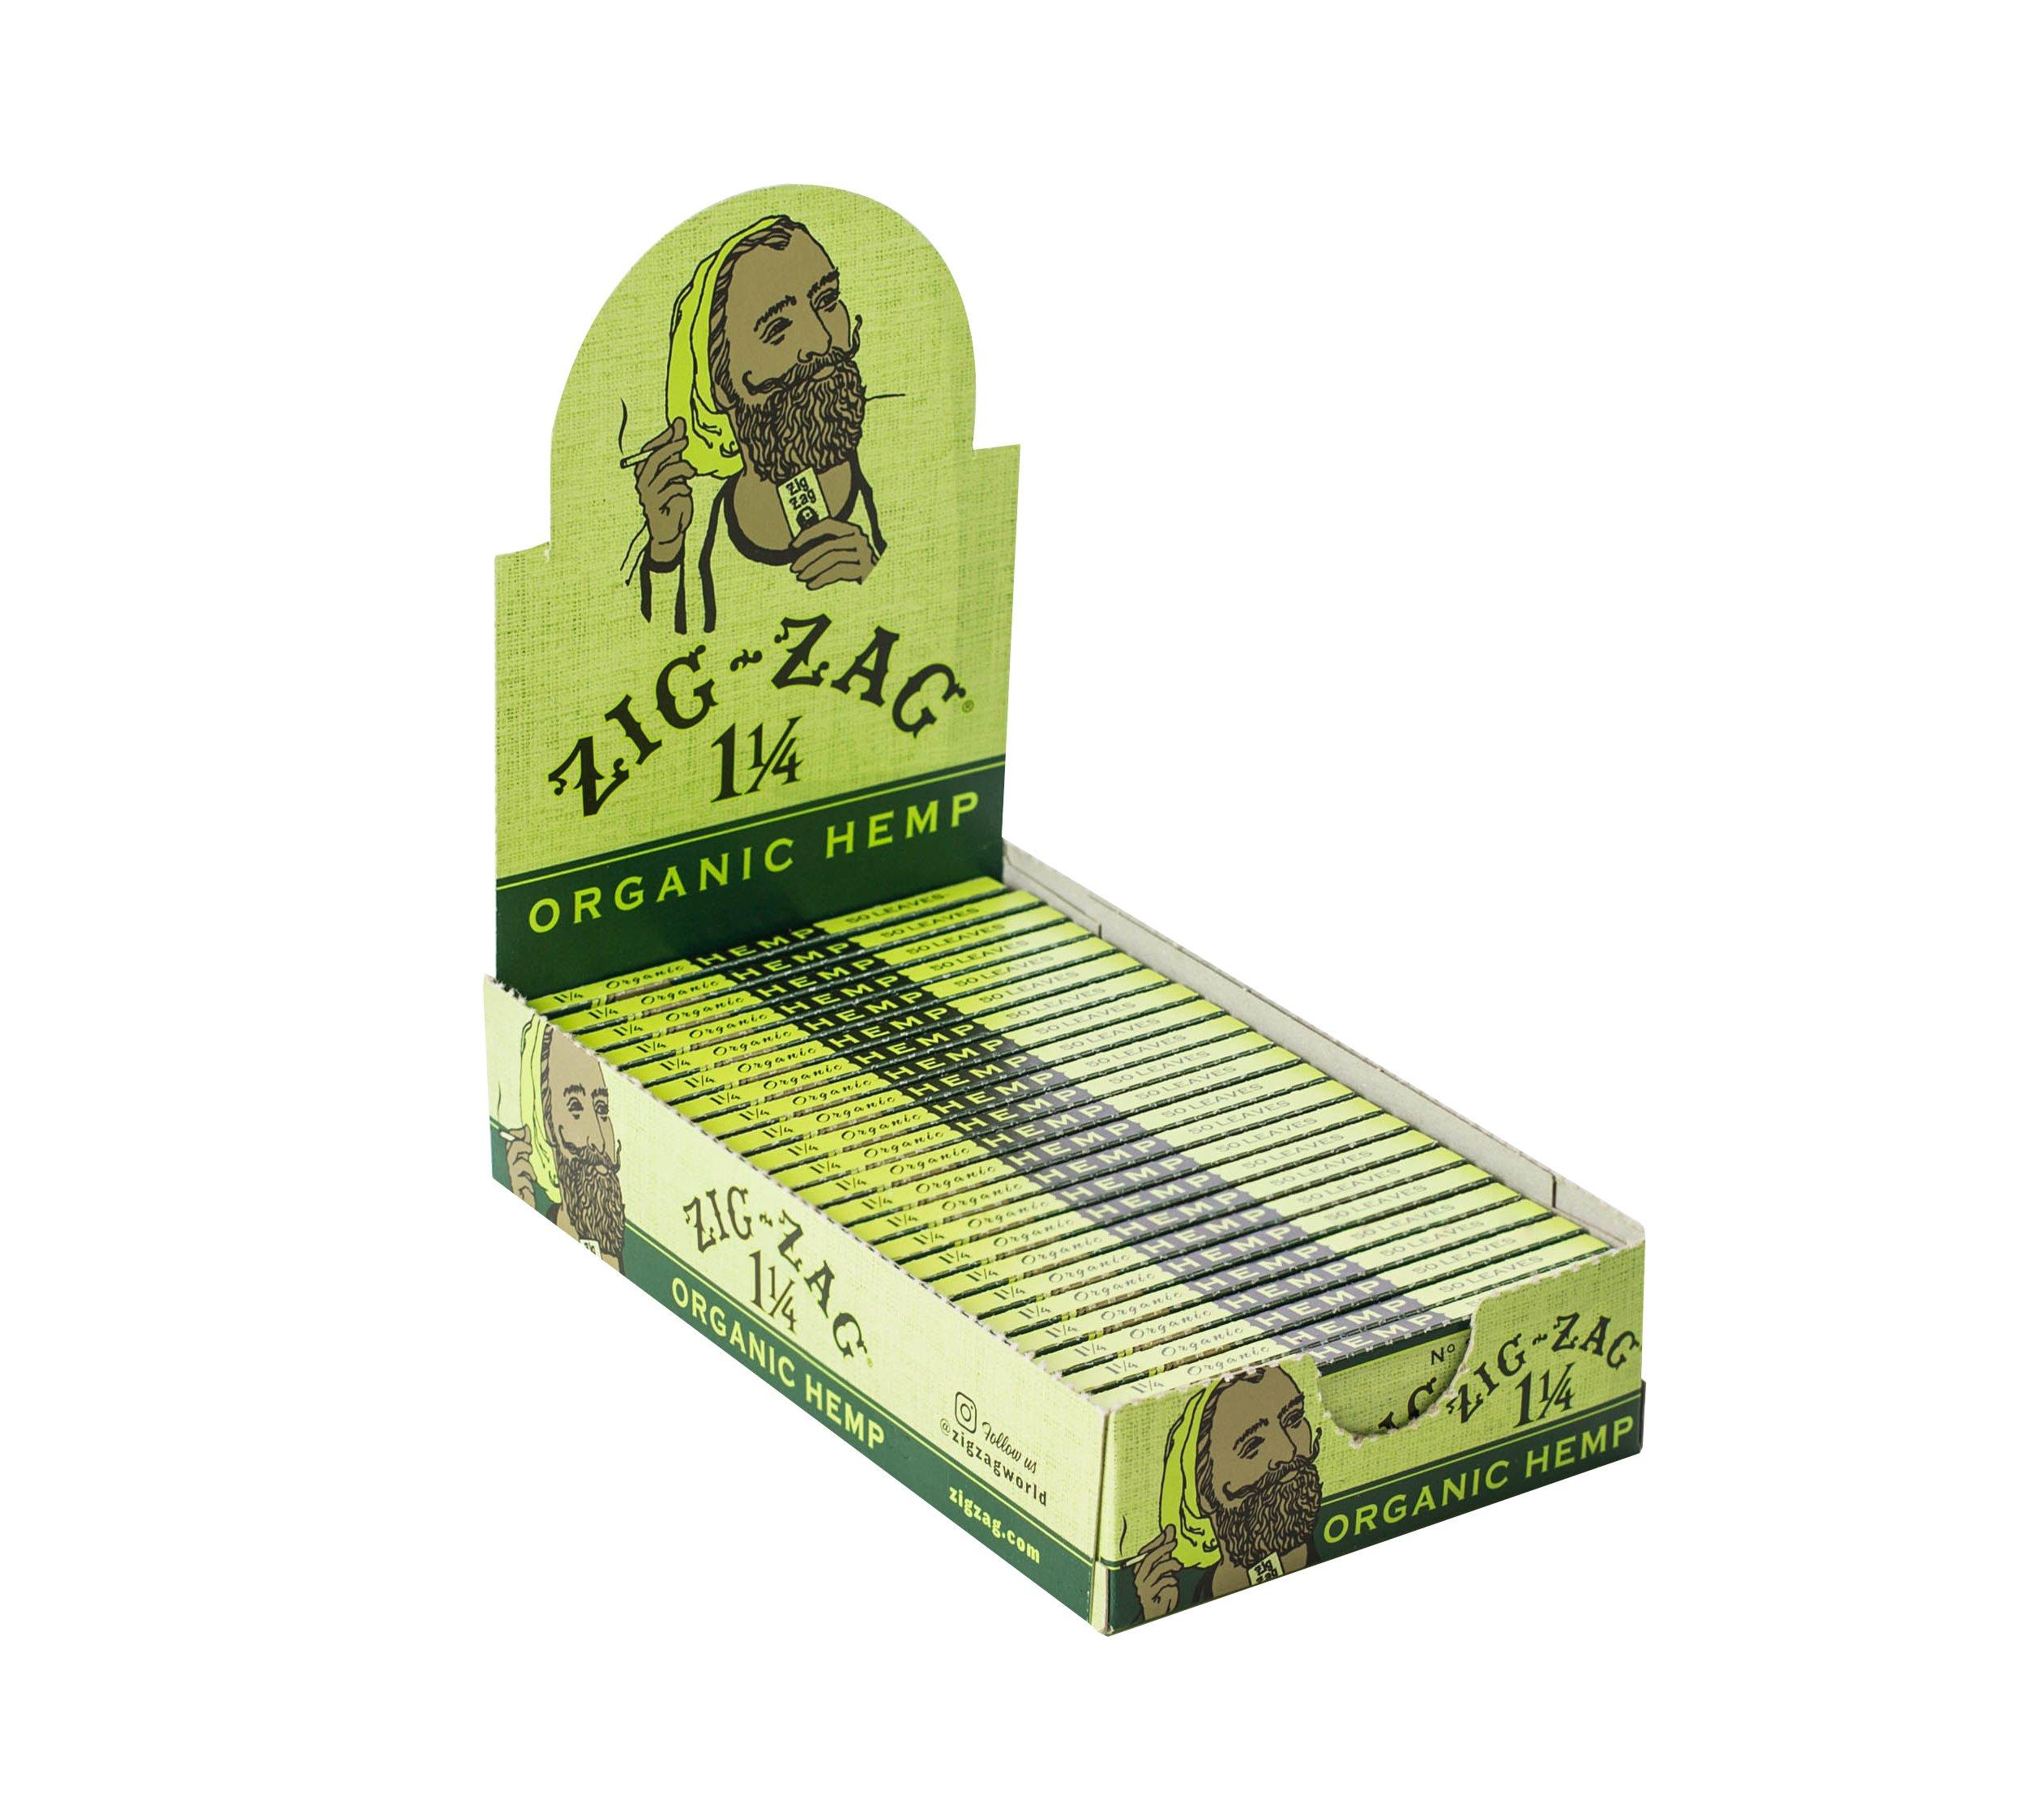 Zig Zag 1 1/4 Size Organic Hemp Rolling Paper by ZIG-ZAG